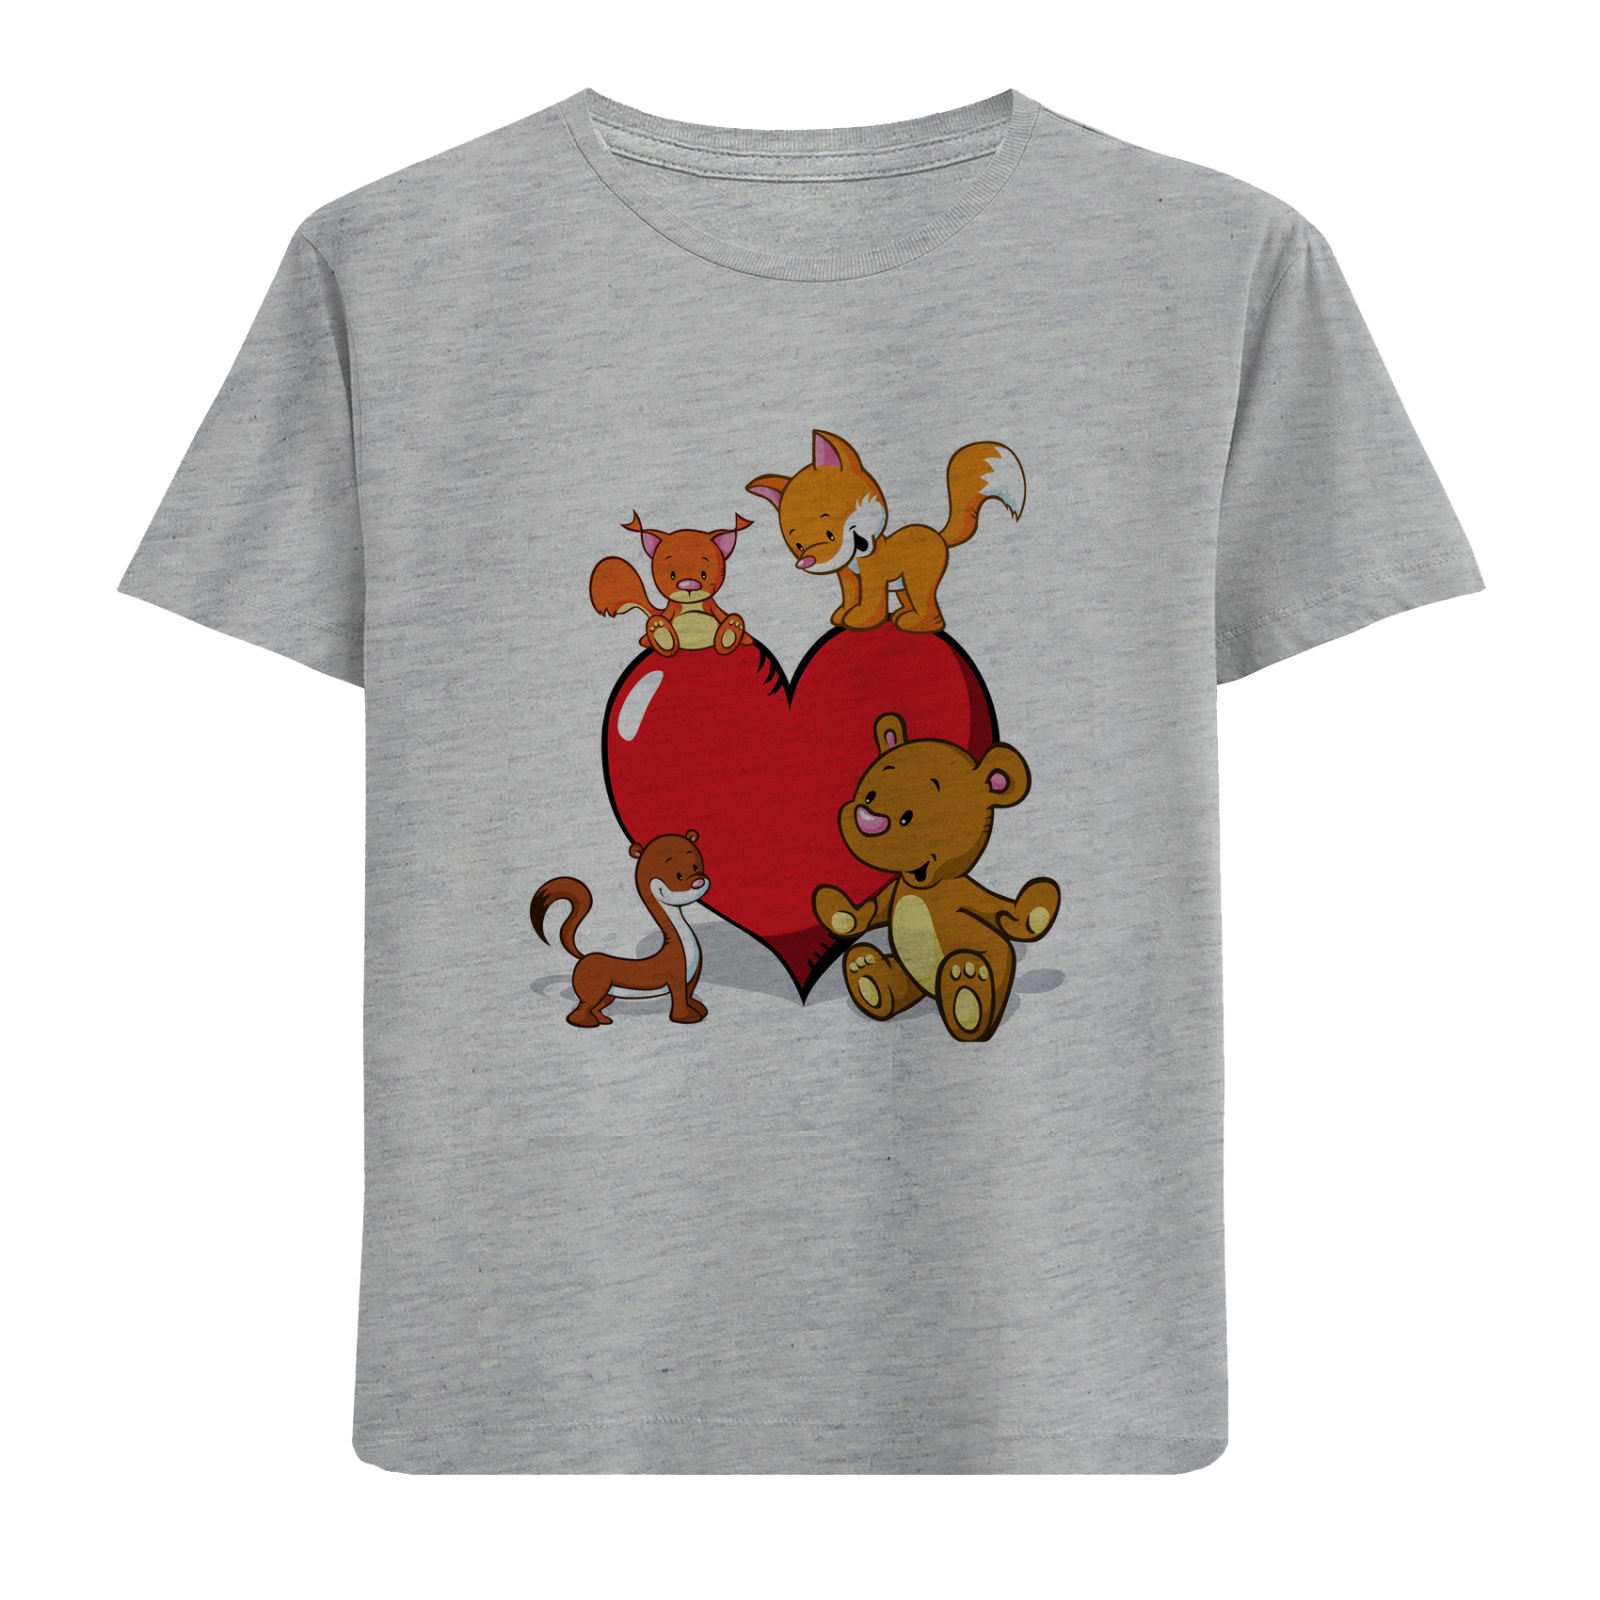 تی شرت آستین کوتاه دخترانه طرح قلب و حیوانات کد F07 -  - 1